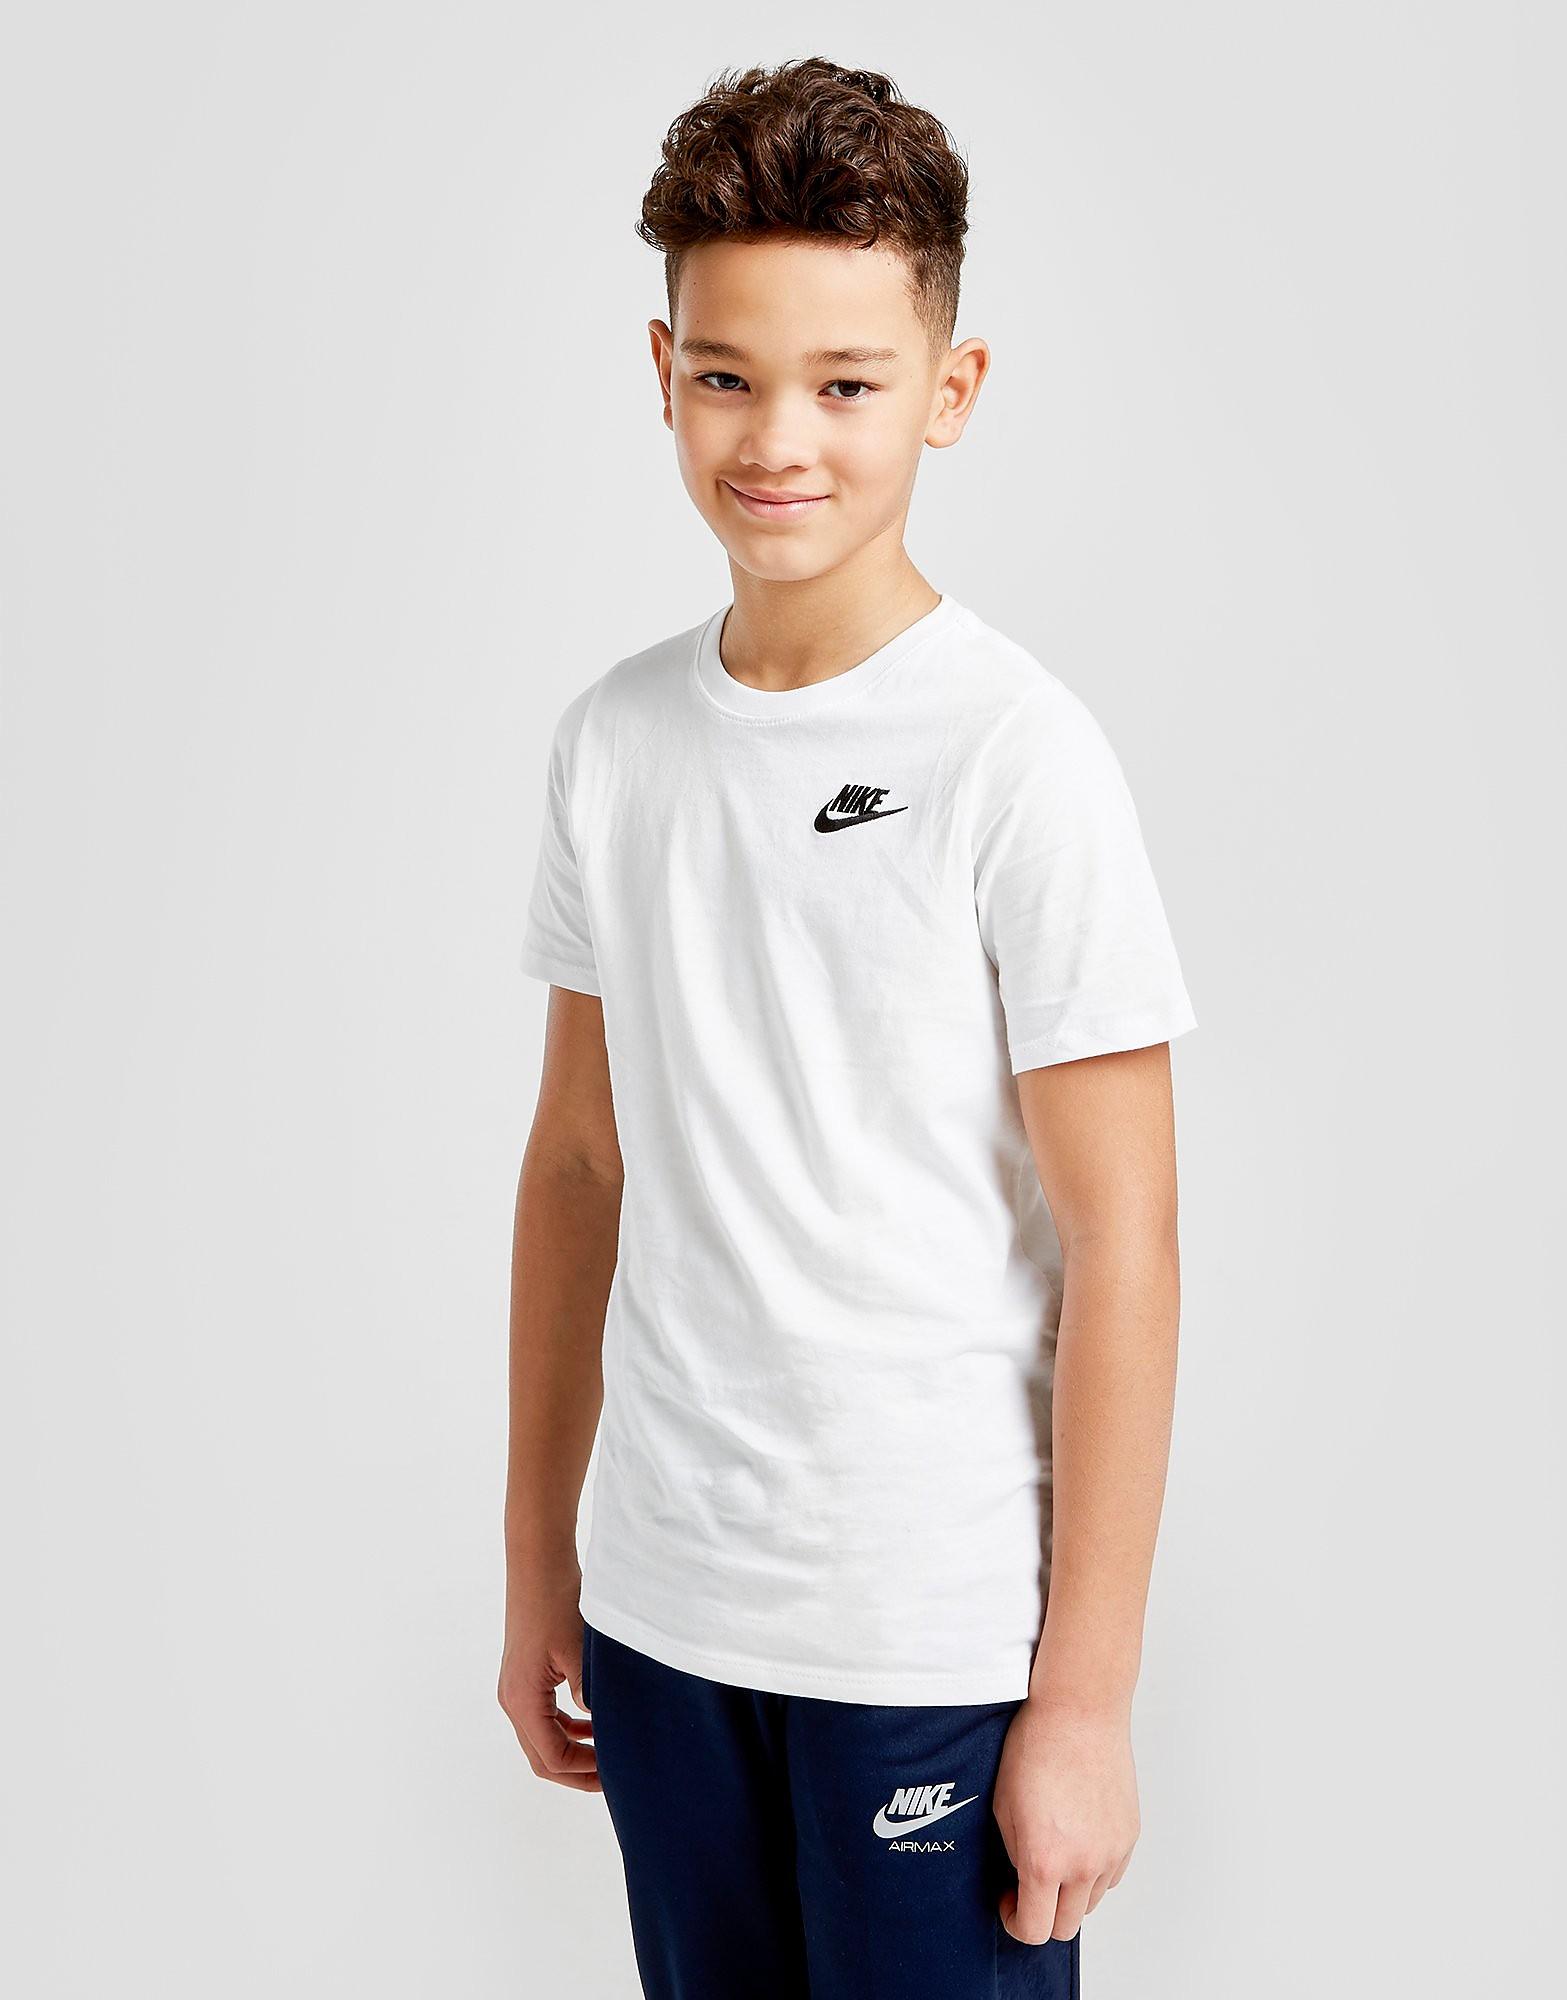 Nike camiseta Franchise júnior